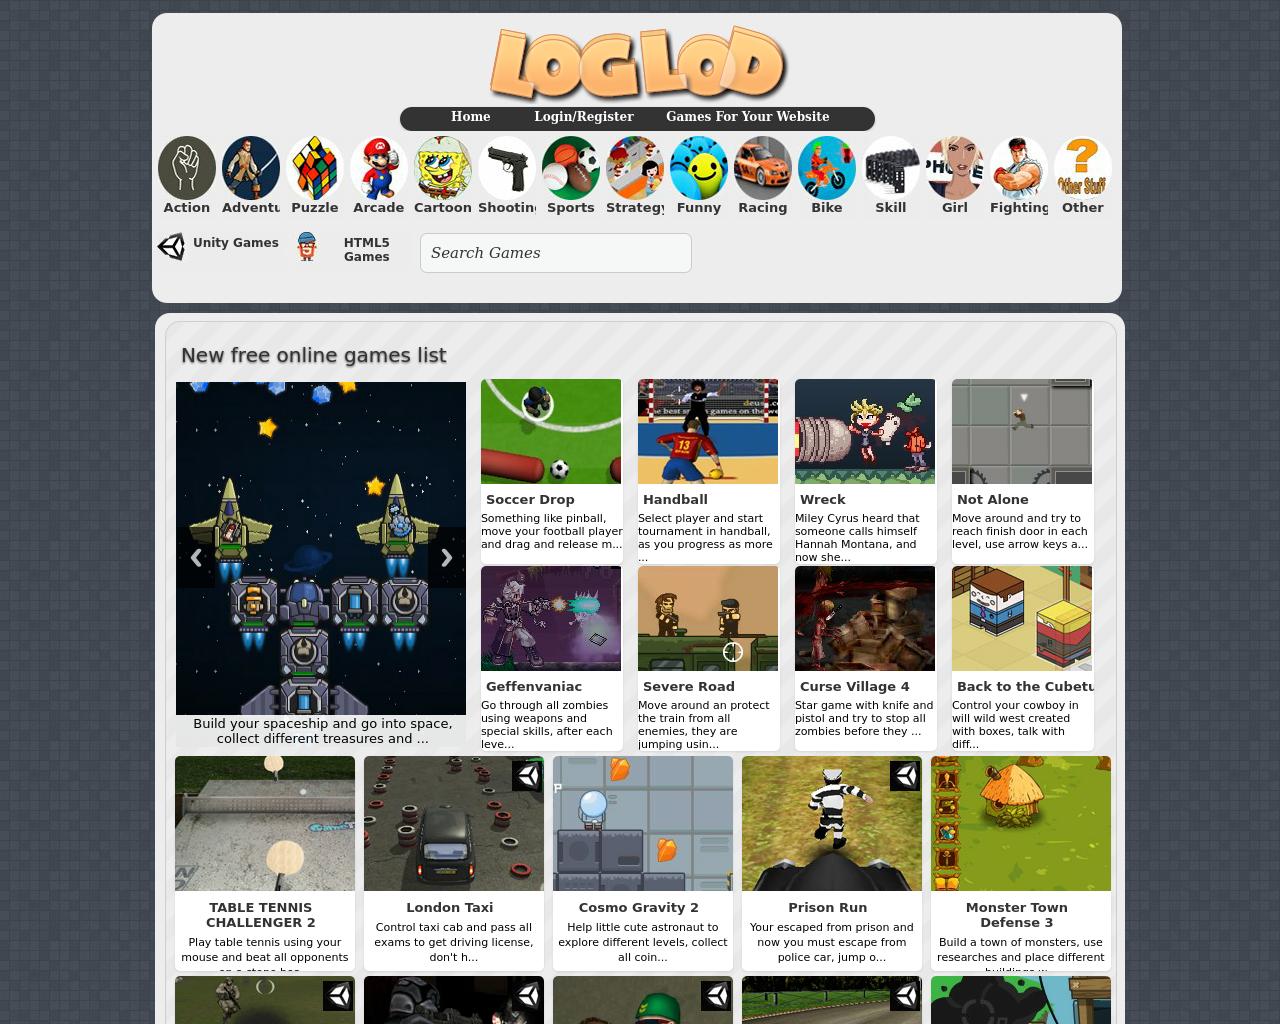 LogLod-Advertising-Reviews-Pricing